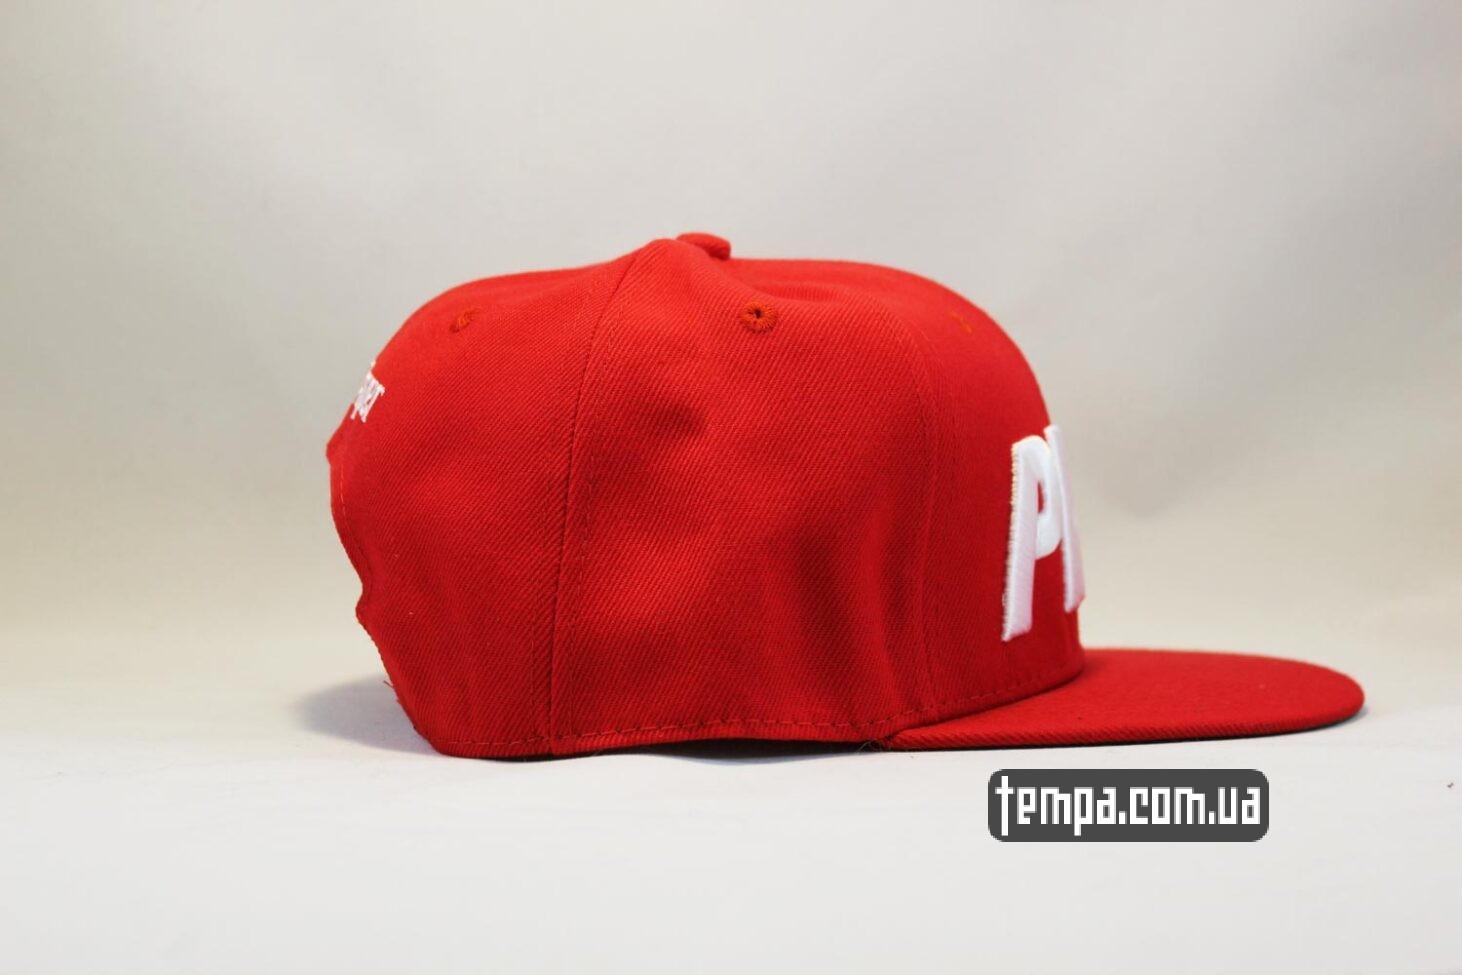 реперская ровный козырек кепка Snapback ASOS PHAT Red красная бейсболка